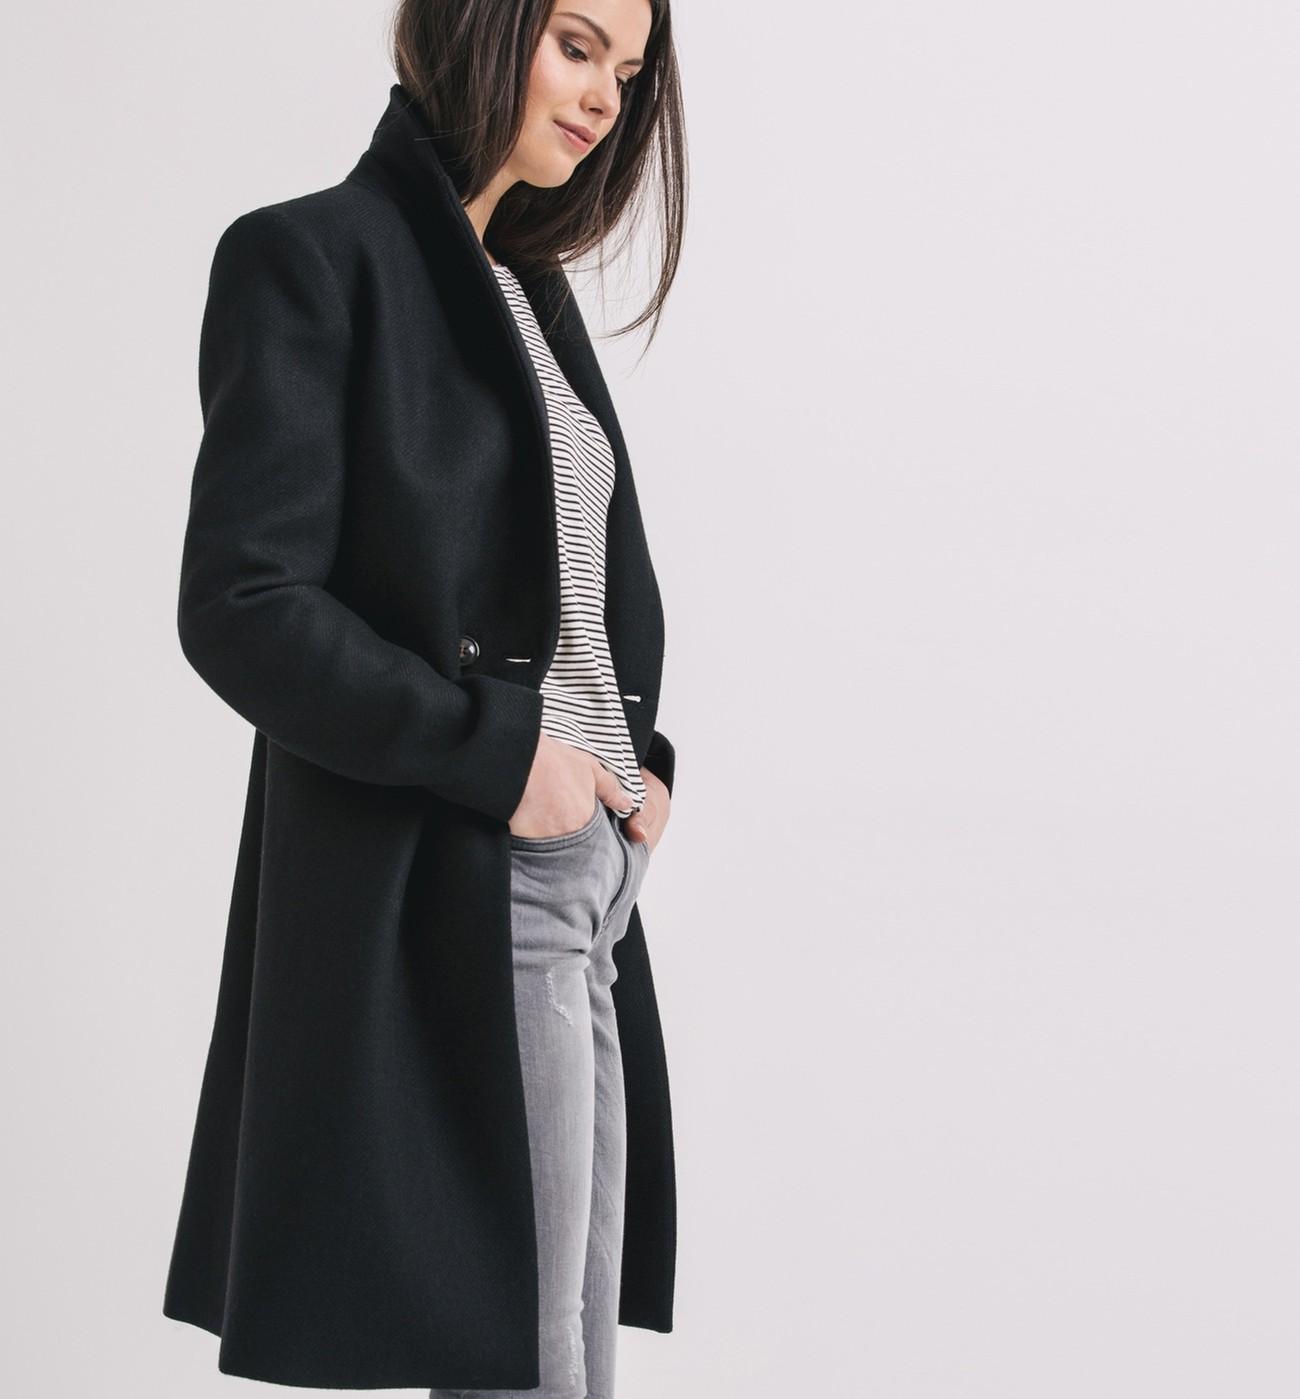 manteau femme cintre noir. Black Bedroom Furniture Sets. Home Design Ideas